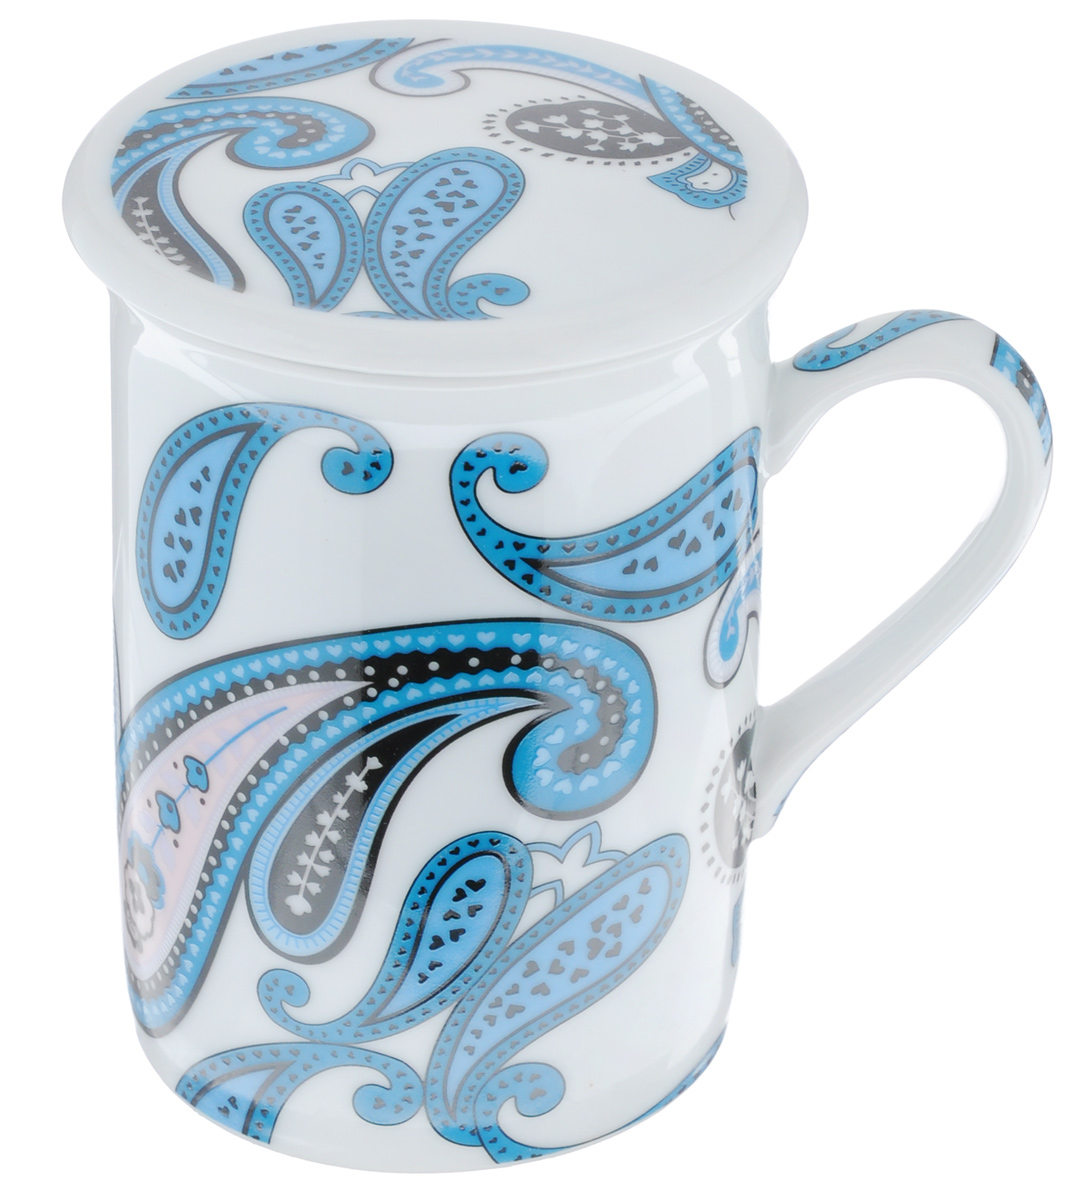 Кружка заварочная LarangE Пейсли, цвет: белый, синий, 330 мл